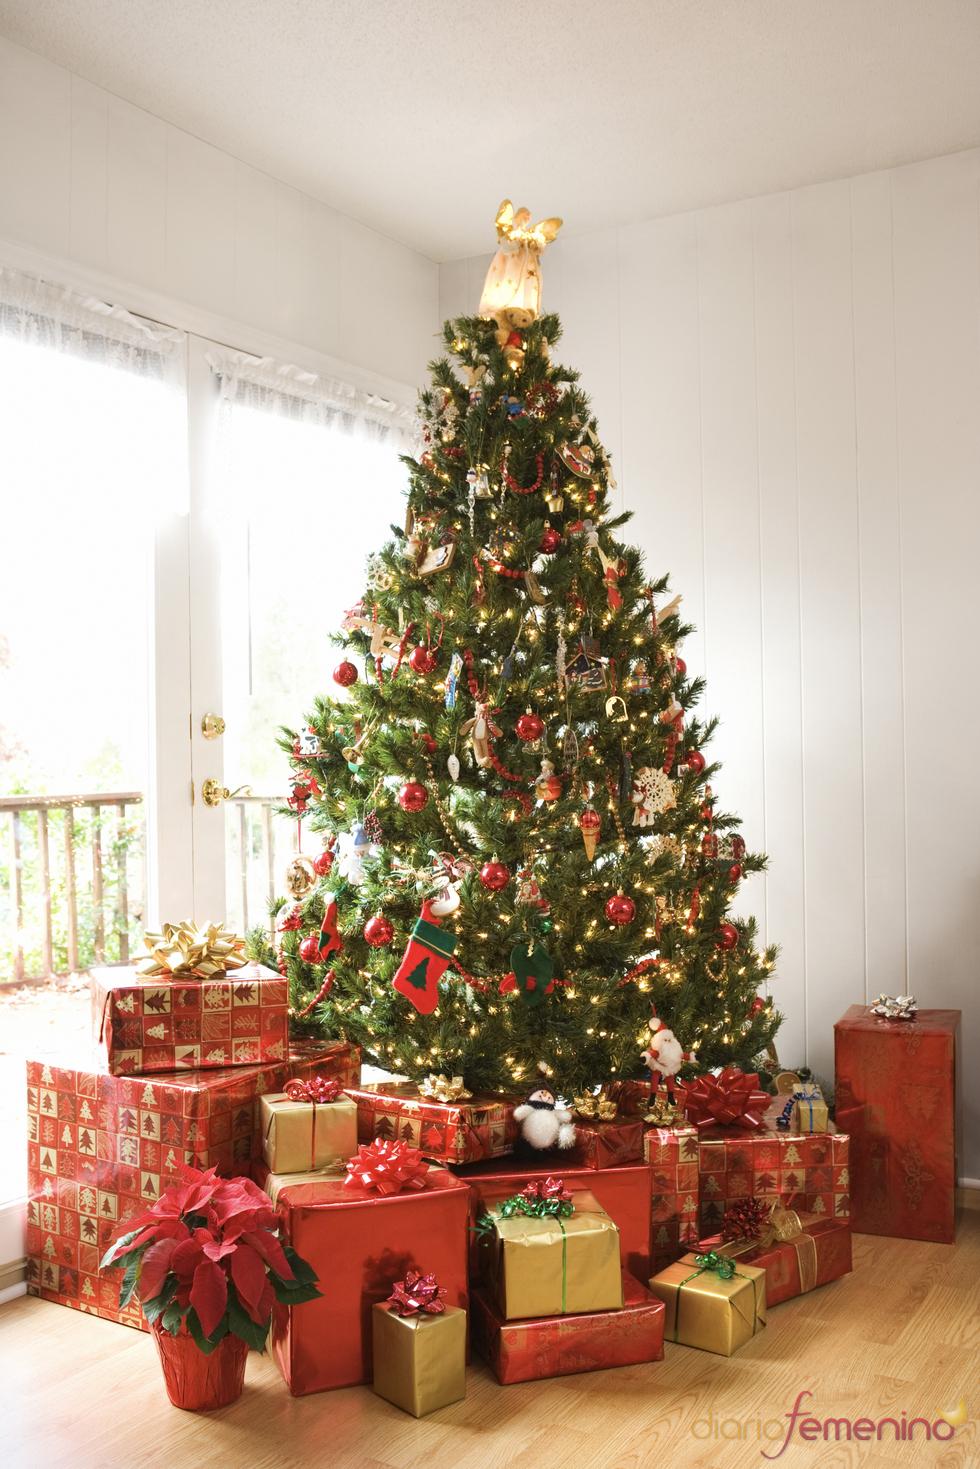 Rbol de navidad - Imagenes de arboles navidad decorados ...